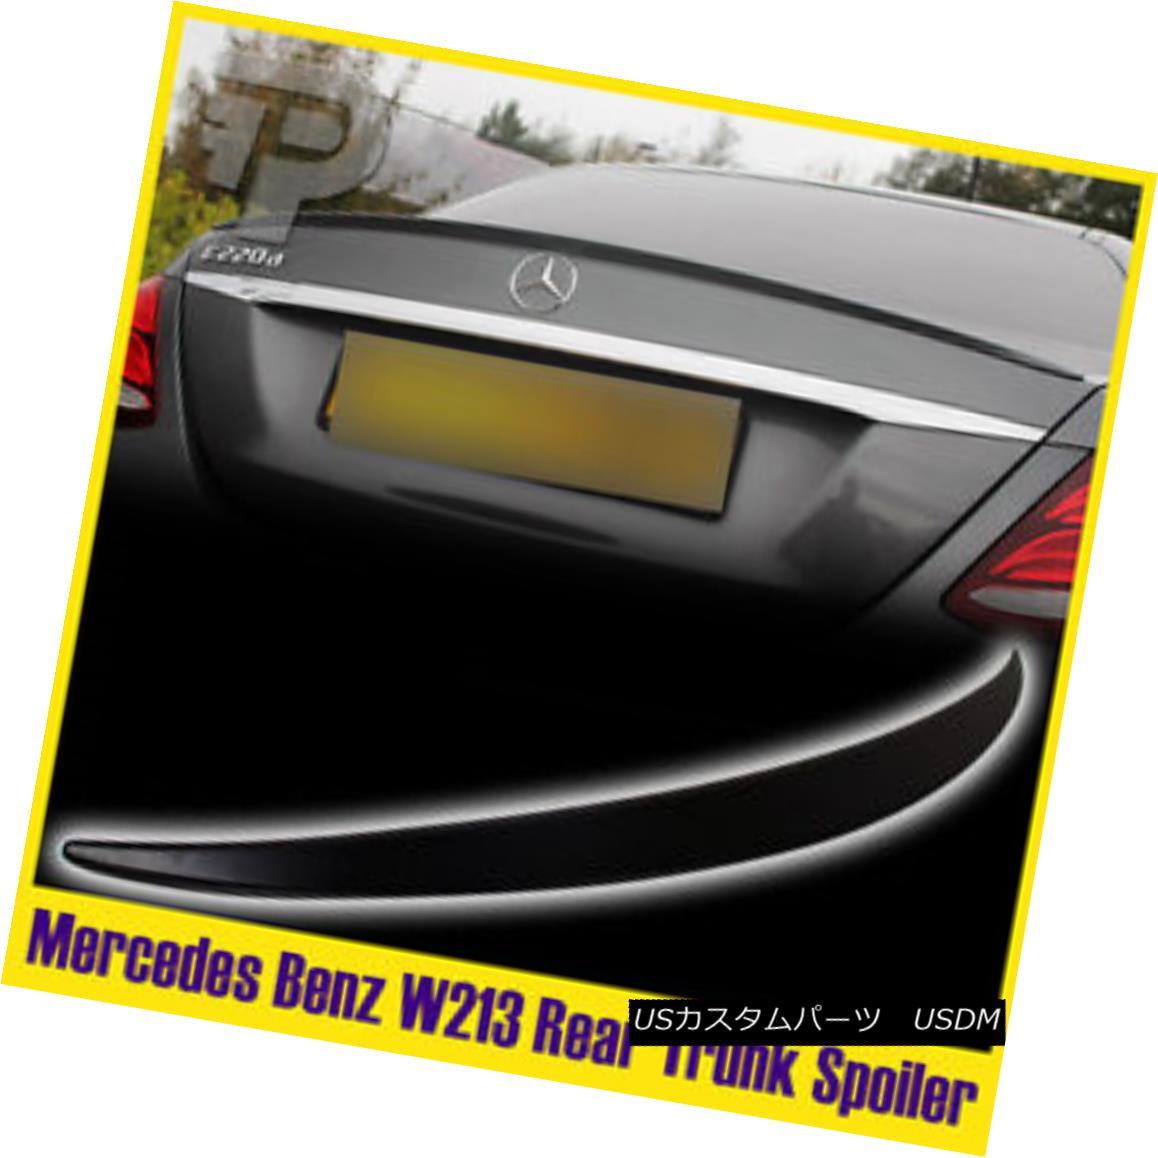 エアロパーツ Unpainted Mercedes Benz W213 Rear Trunk Spoiler Wing Sedan 4D 2017 ABS 未塗装メルセデスベンツW213リアトランクスポイラーウイングセダン4D 2017 ABS